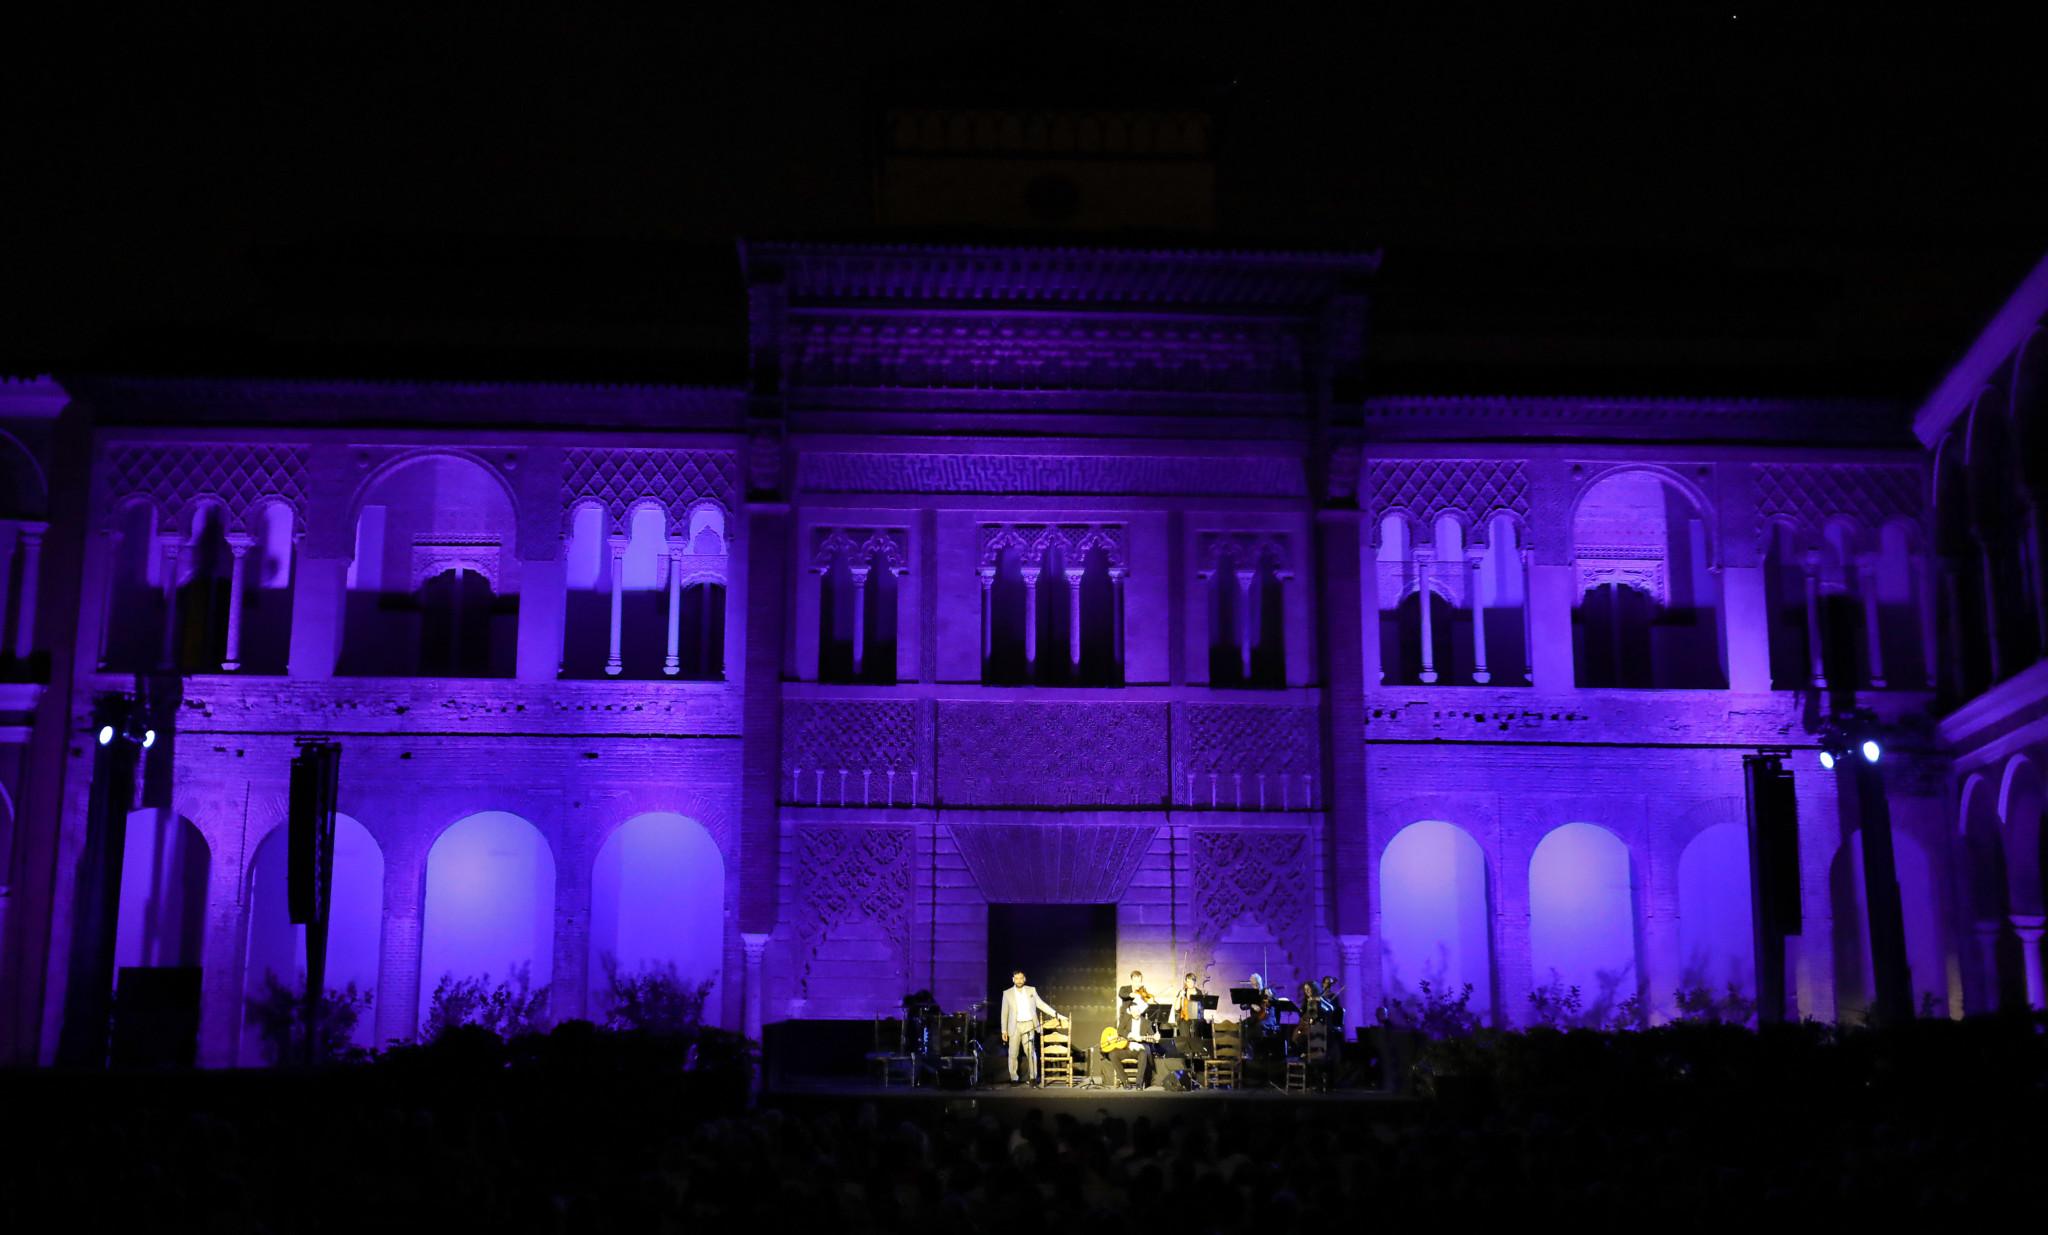 SEVILLA. 11.9.18. Bienal de flamenco en el Real Alcazar. Jose Valencia . FOTO: J.M.SERRANO. archsev